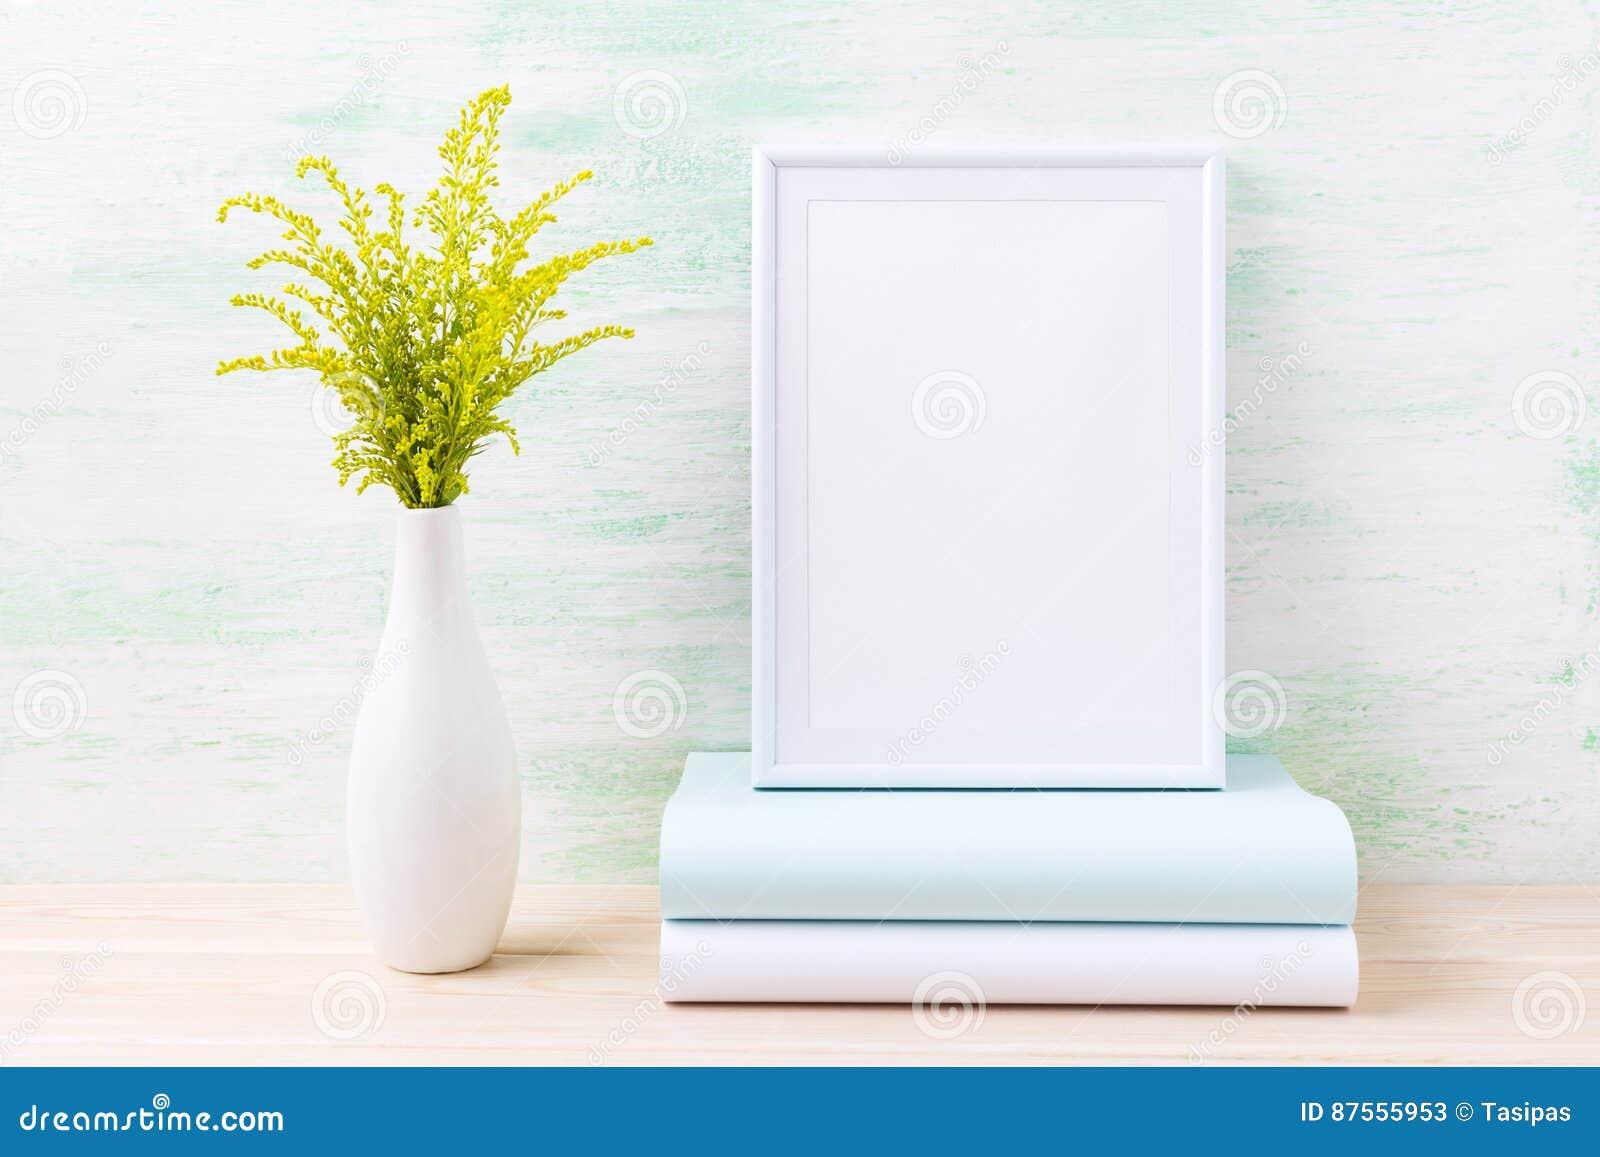 Vit rammodell med dekorativt grönt gräs och böcker